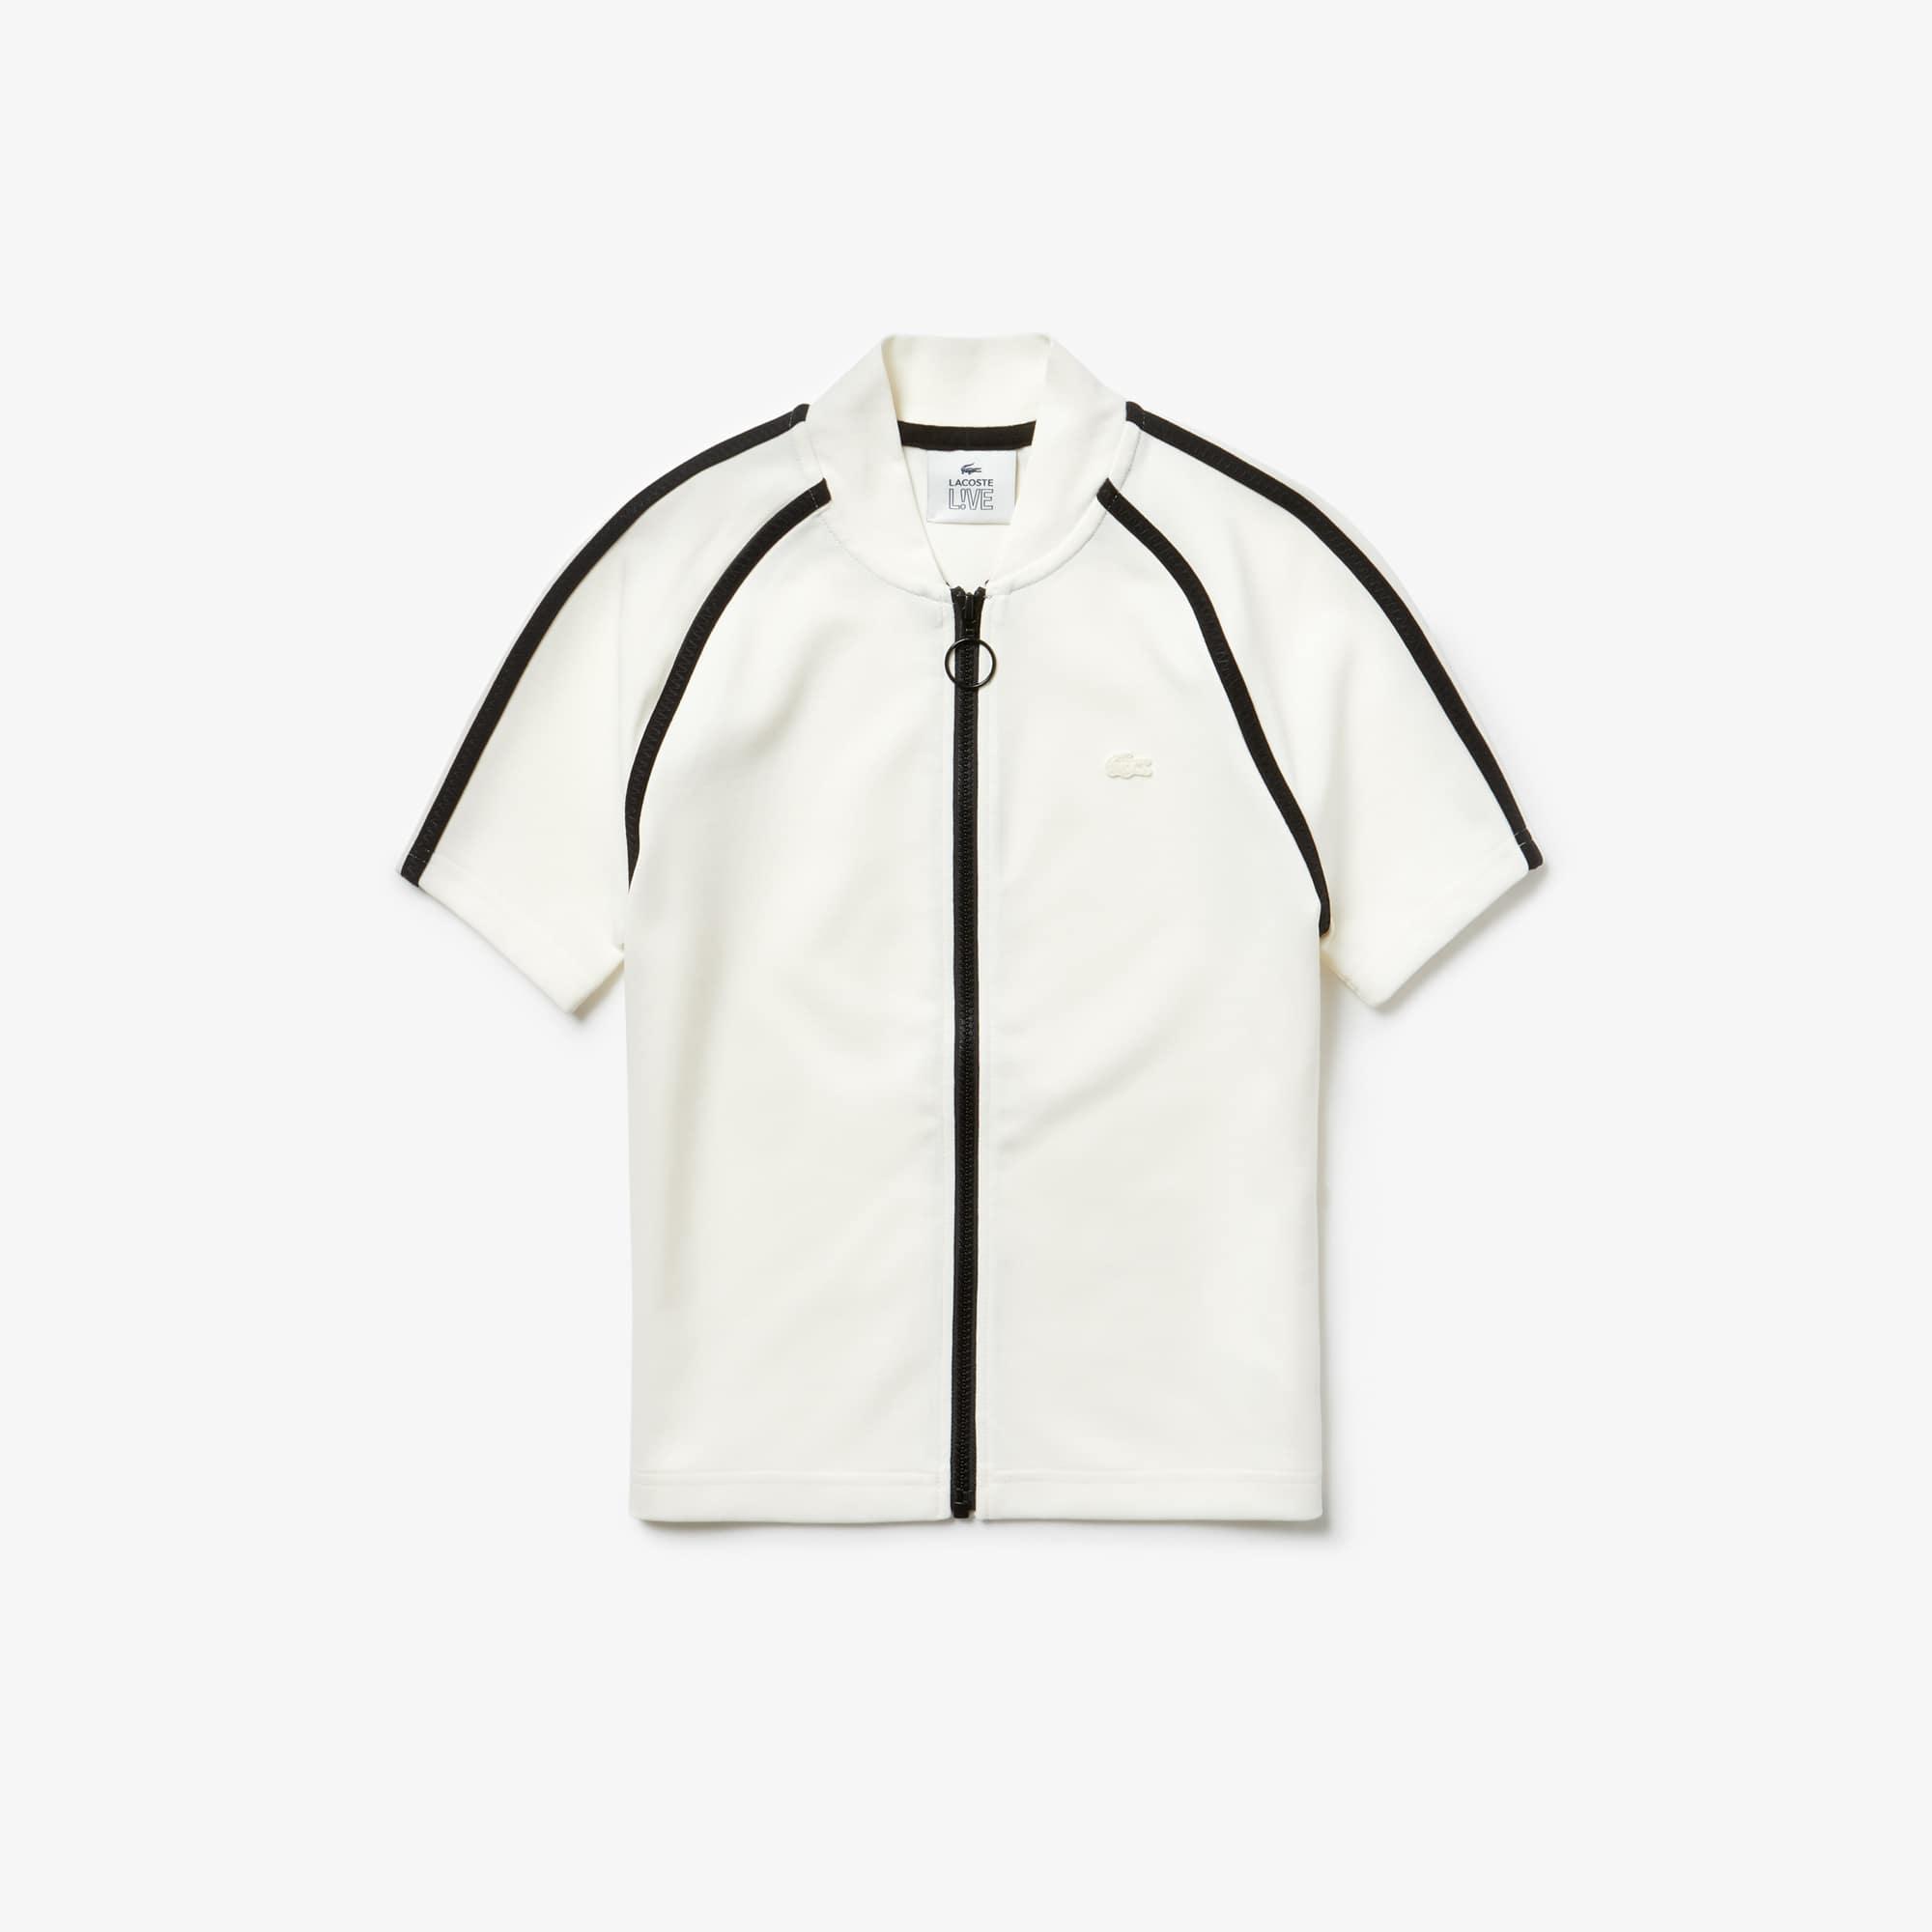 라코스테 라이브 폴로 반팔 티셔츠 슬림핏 집업 Lacoste Womens LIVE Slim Fit Polo,White / Black